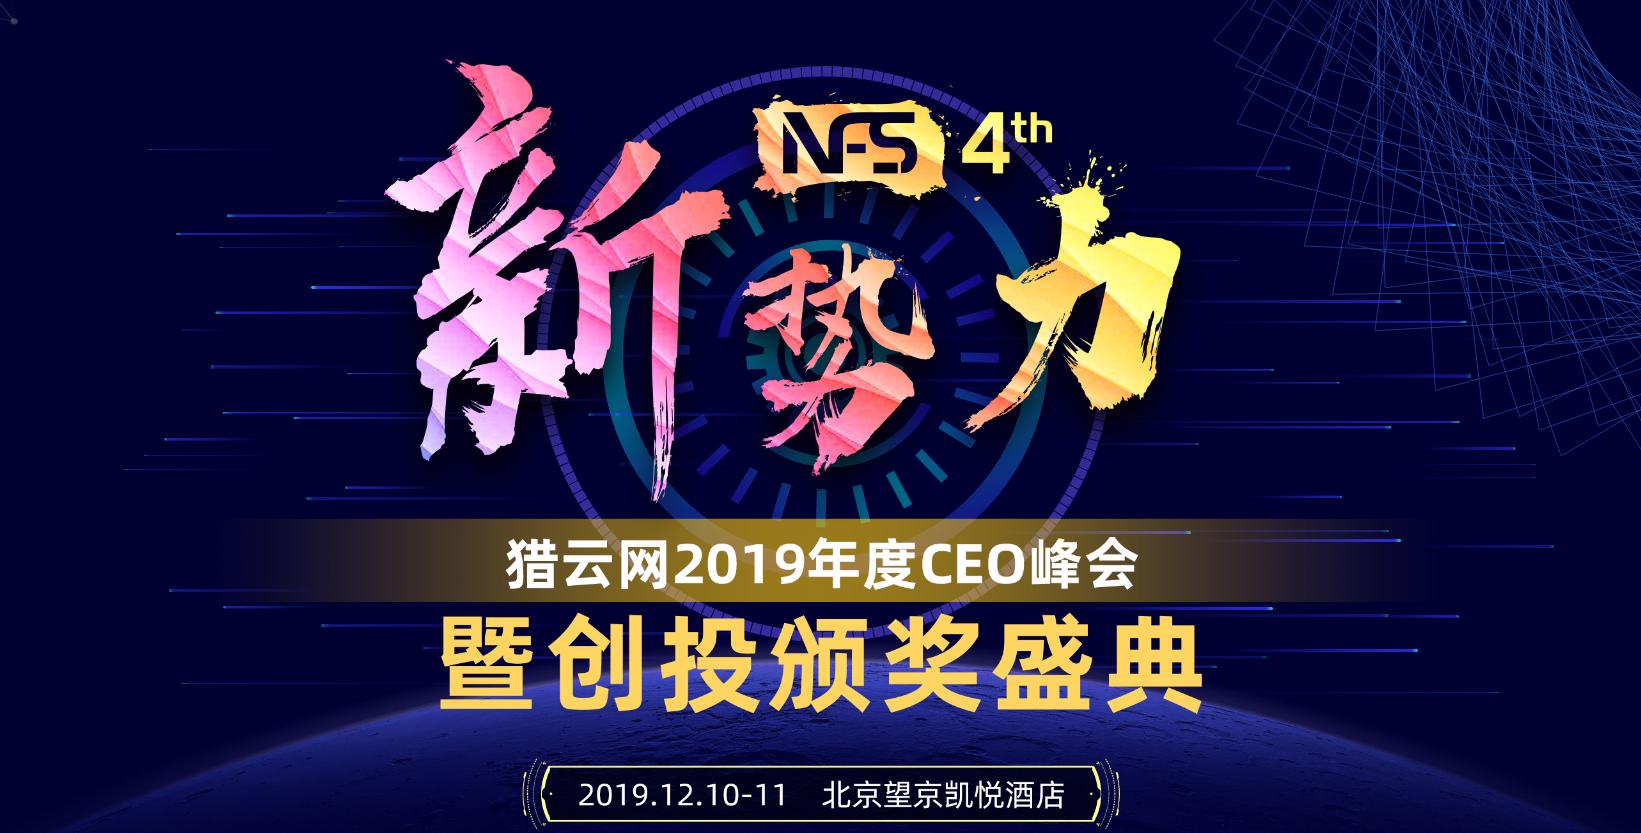 猎云网2019年度CEO峰会暨猎云网创投颁奖盛典